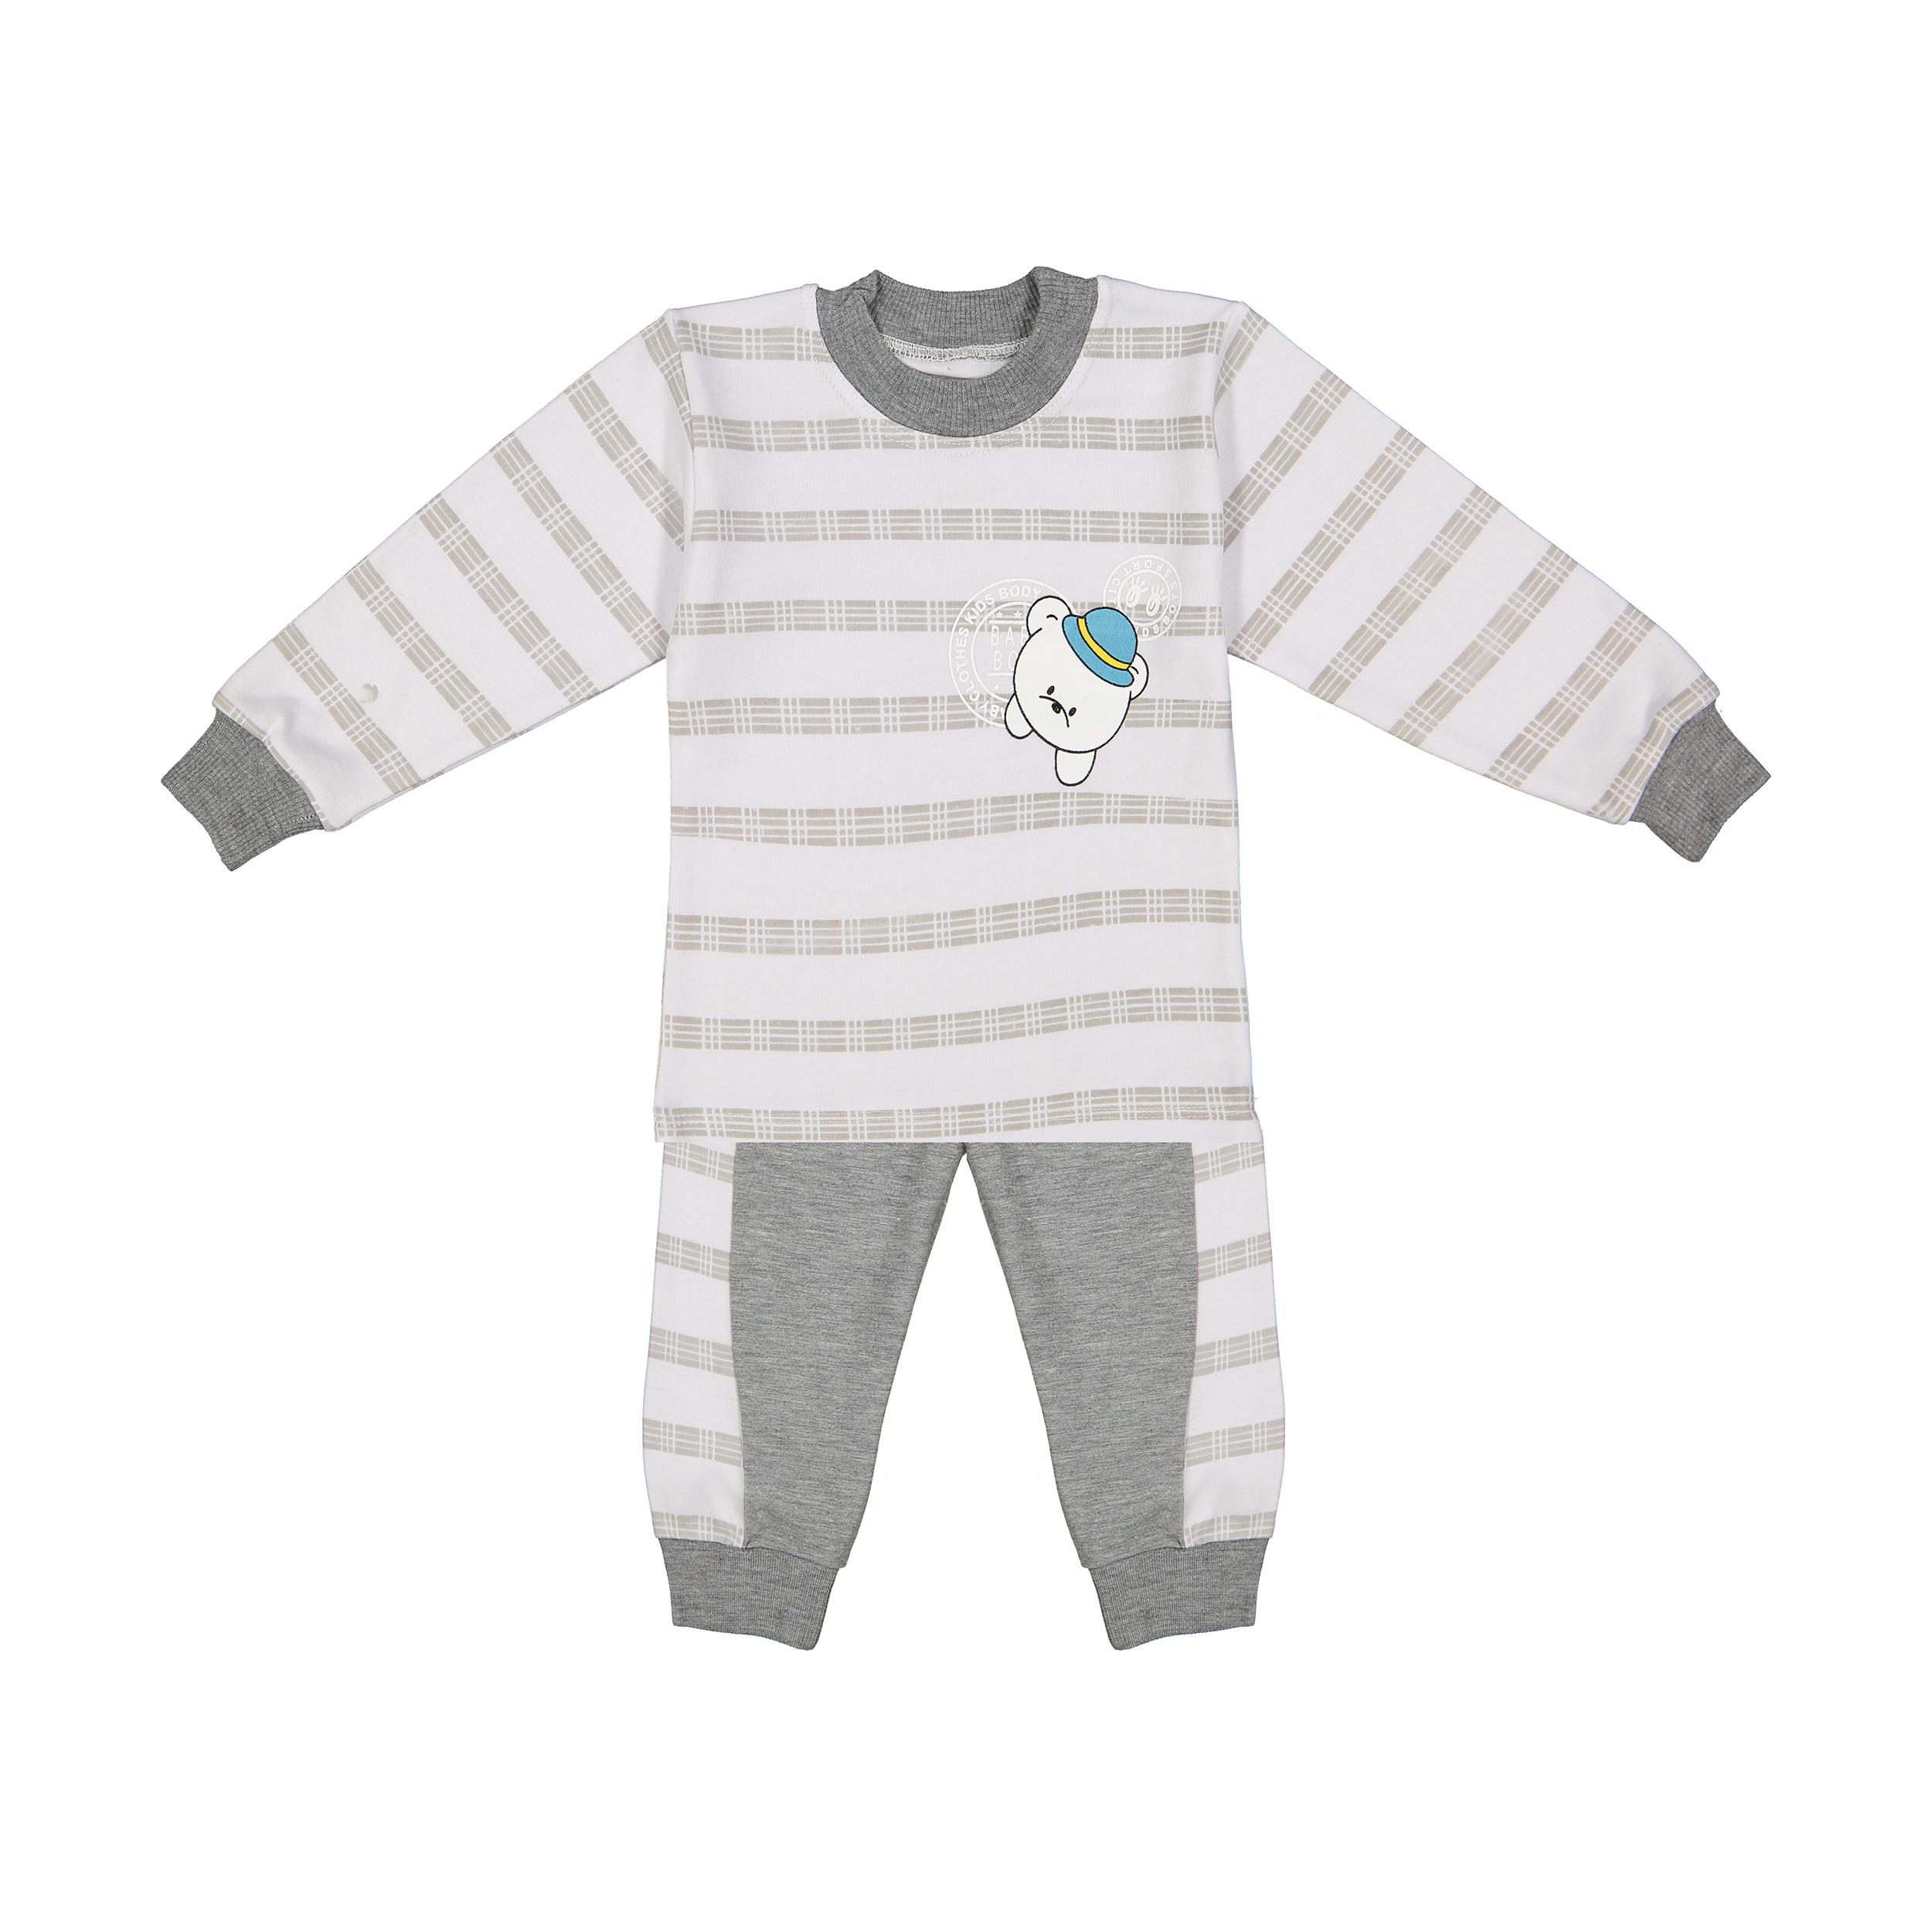 ست تی شرت و شلوار نوزادی پسرانه مدل AZ-03